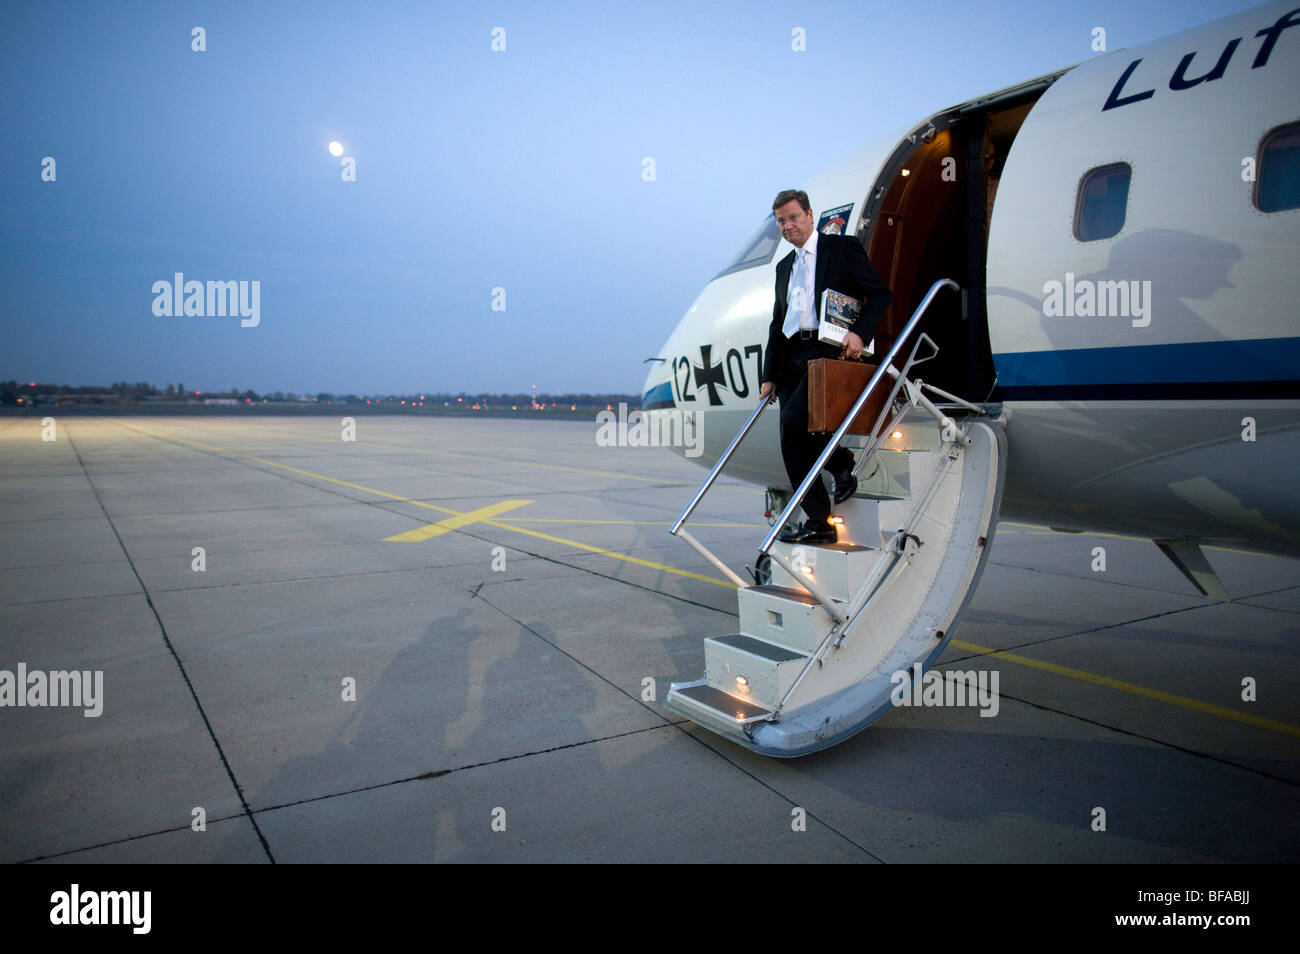 Guido WESTERWELLE, Bundesminister für auswärtige Angelegenheiten, stellvertretender Bundeskanzler besucht Stockbild